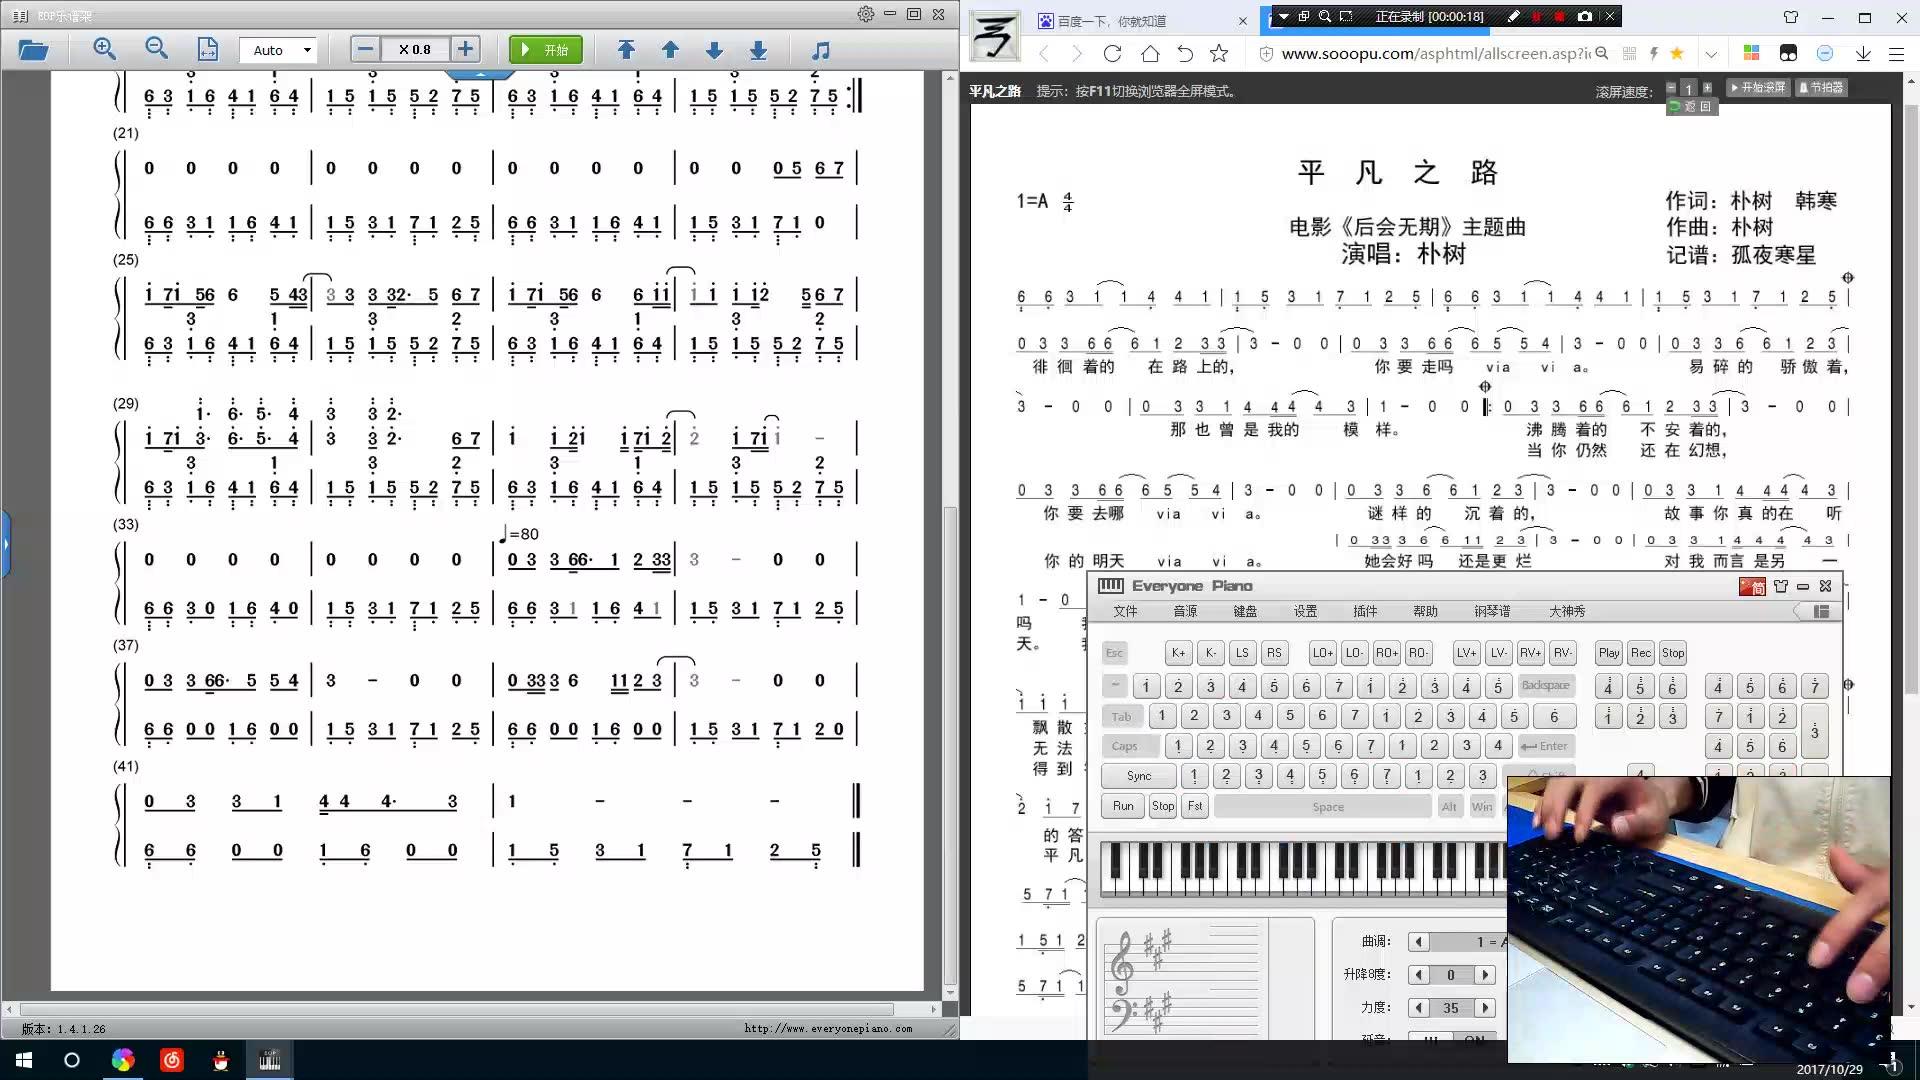 【键盘钢琴】《平凡之路》朴树 || 三万键盘钢琴演奏图片